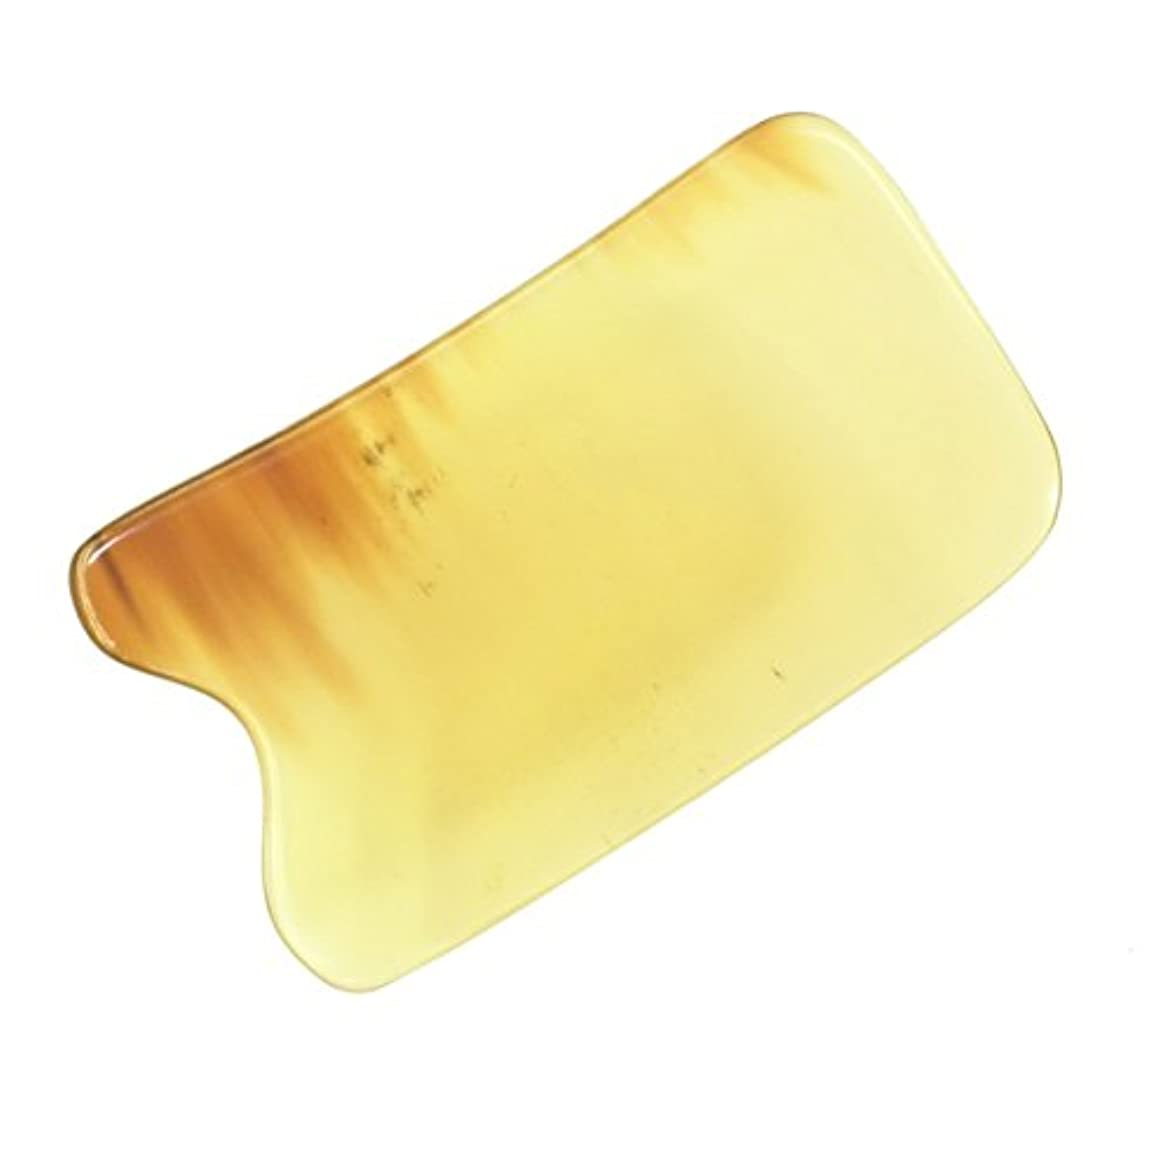 分解する明示的に安心させるかっさ プレート 厚さが選べる 水牛の角(黄水牛角) EHE219 四角凹 一般品 少し薄め (4ミリ程度)